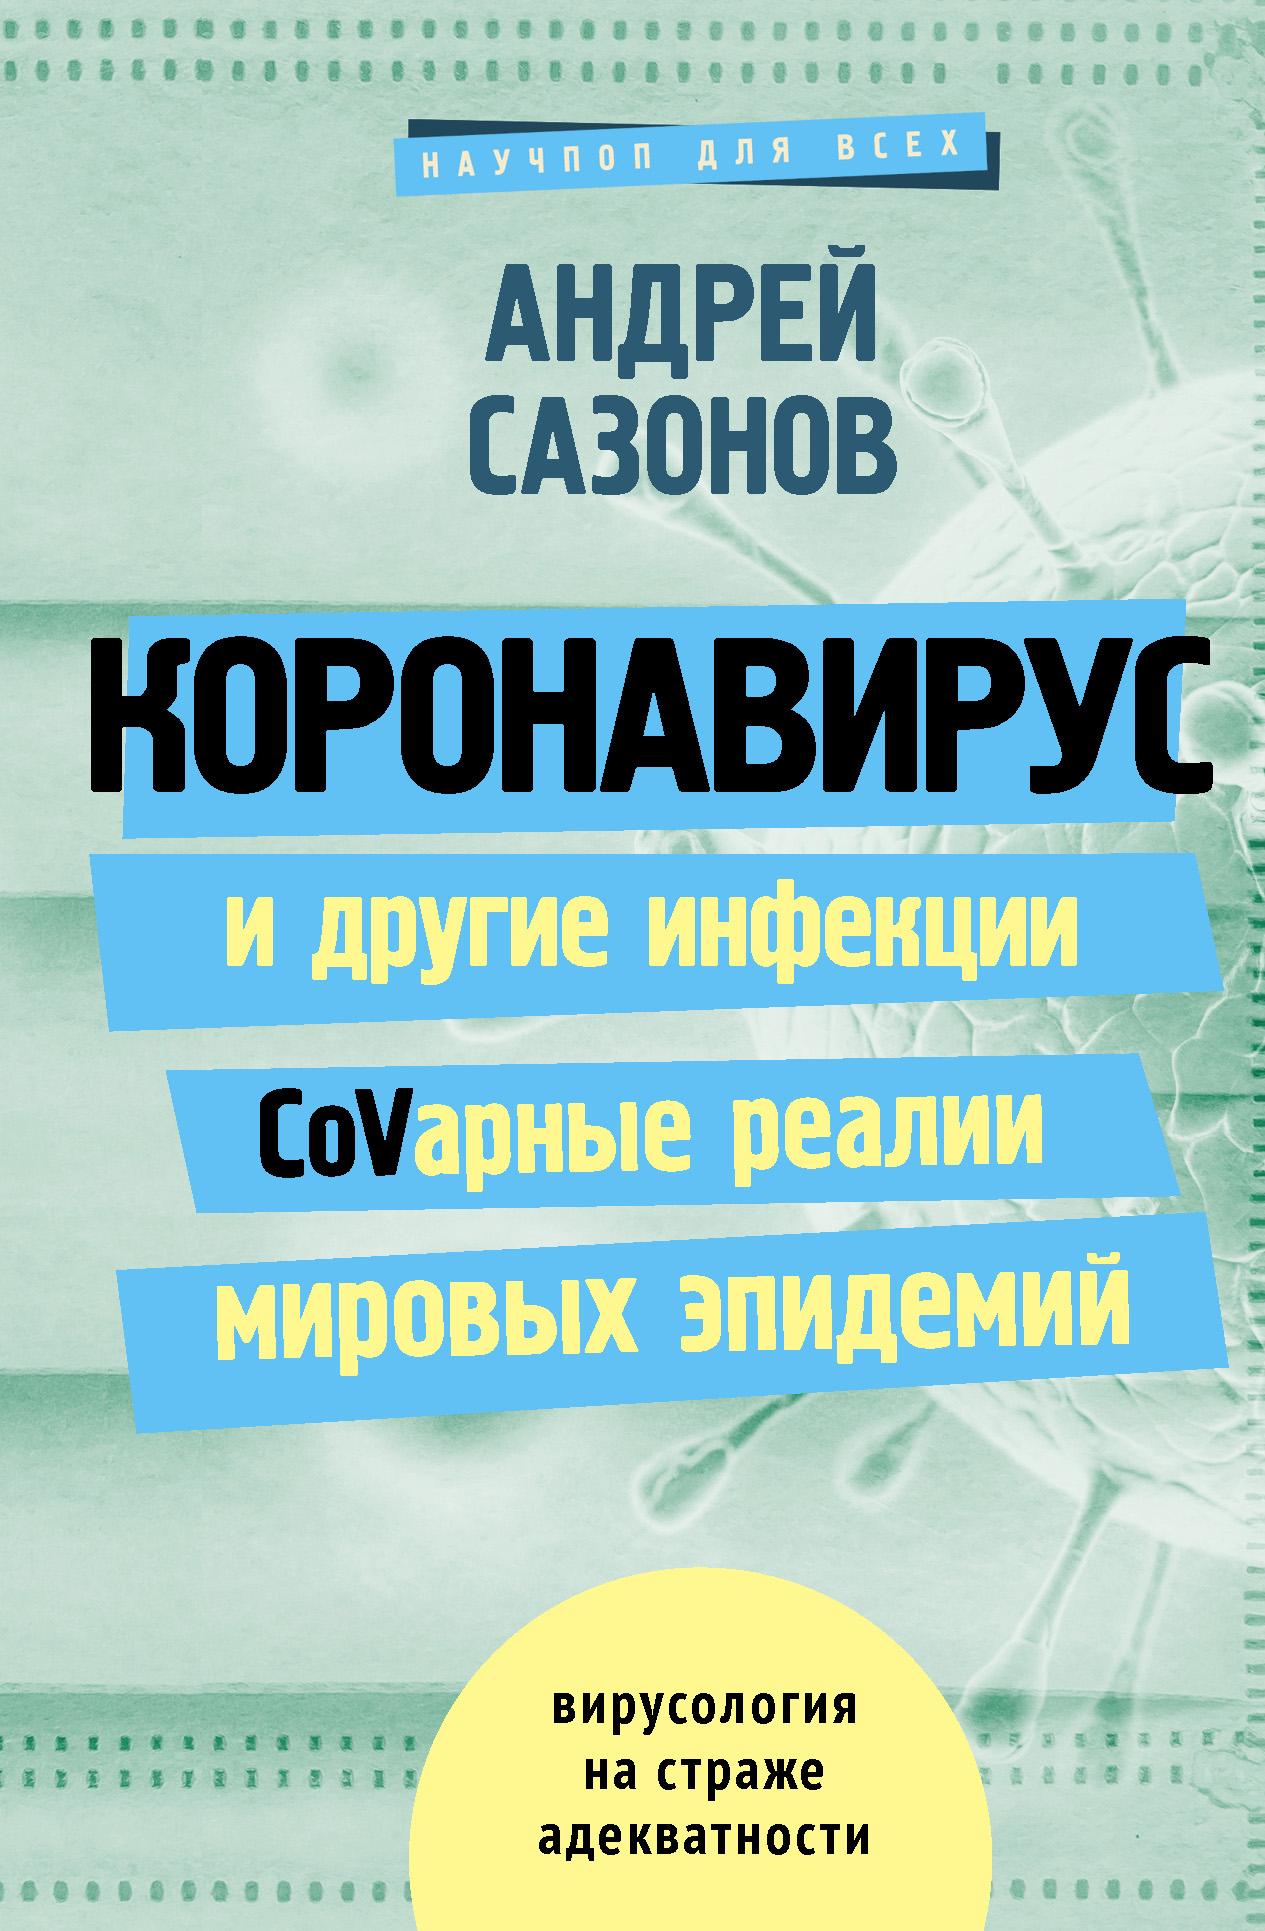 Андрей Сазонов «Коронавирус и другие инфекции: CoVарные реалии мировых эпидемий»